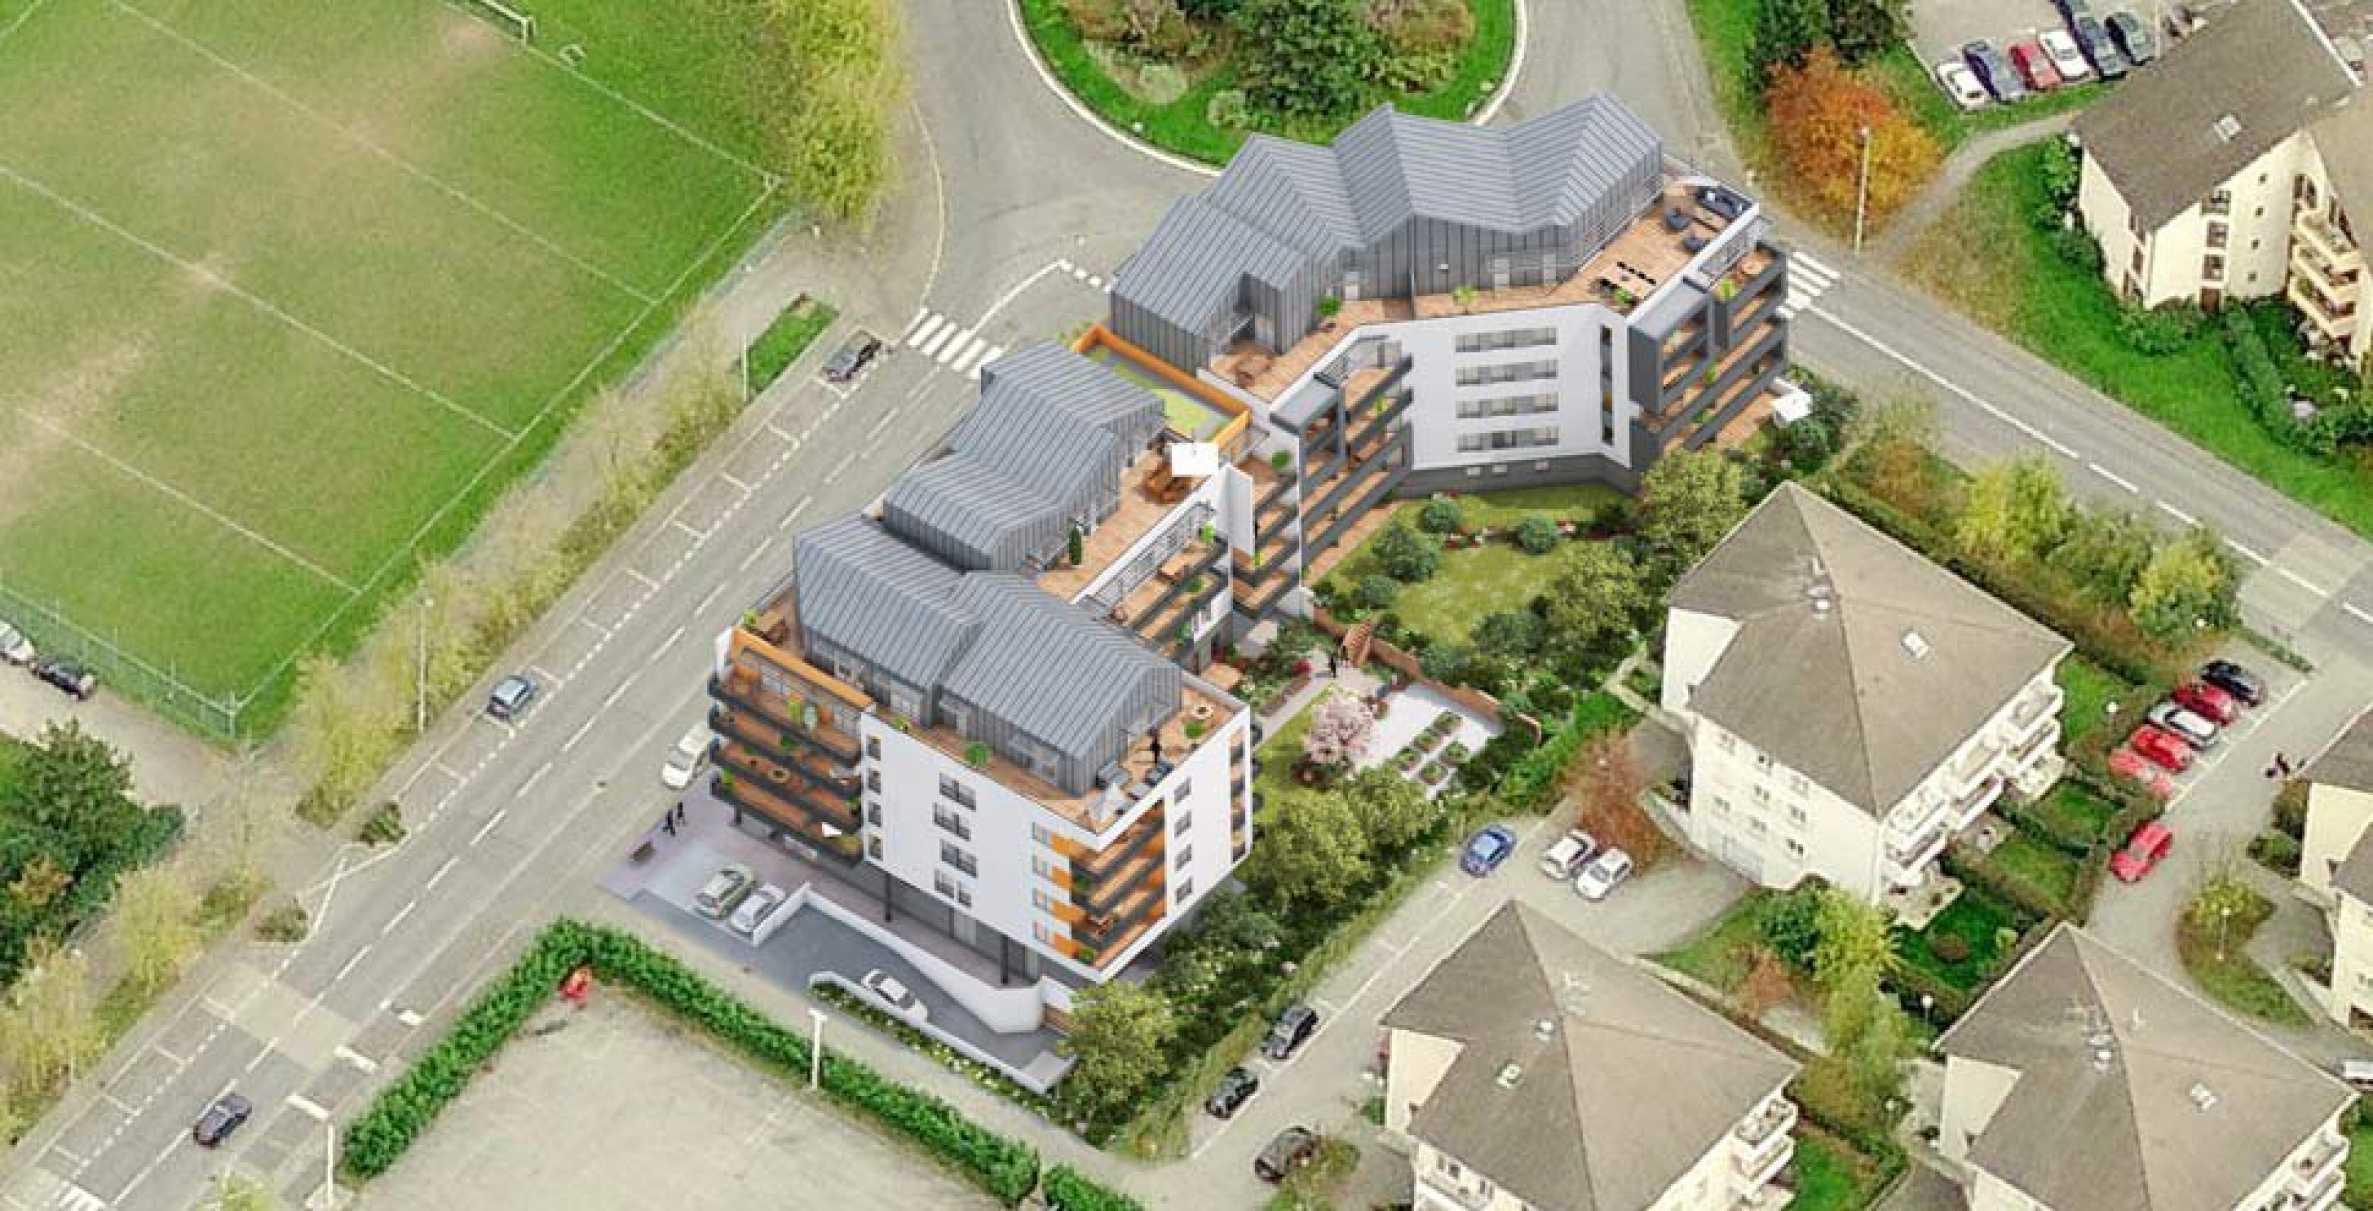 Нов жилищен комплекс до планина във френски град до Женева2 - Stonehard